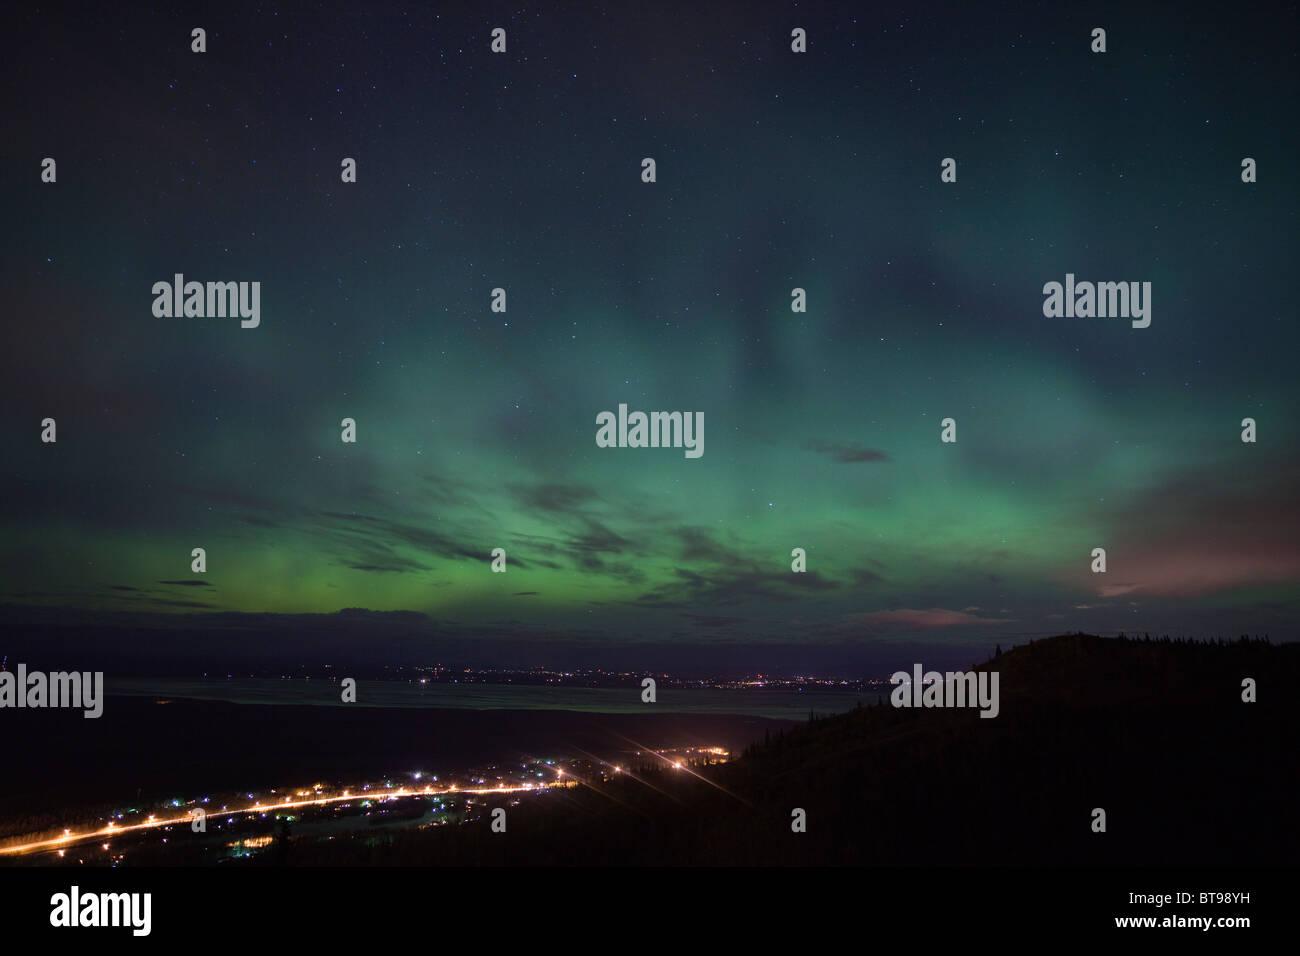 Northern lights over Matanuska-Susitna Valley, Alaska - Stock Image